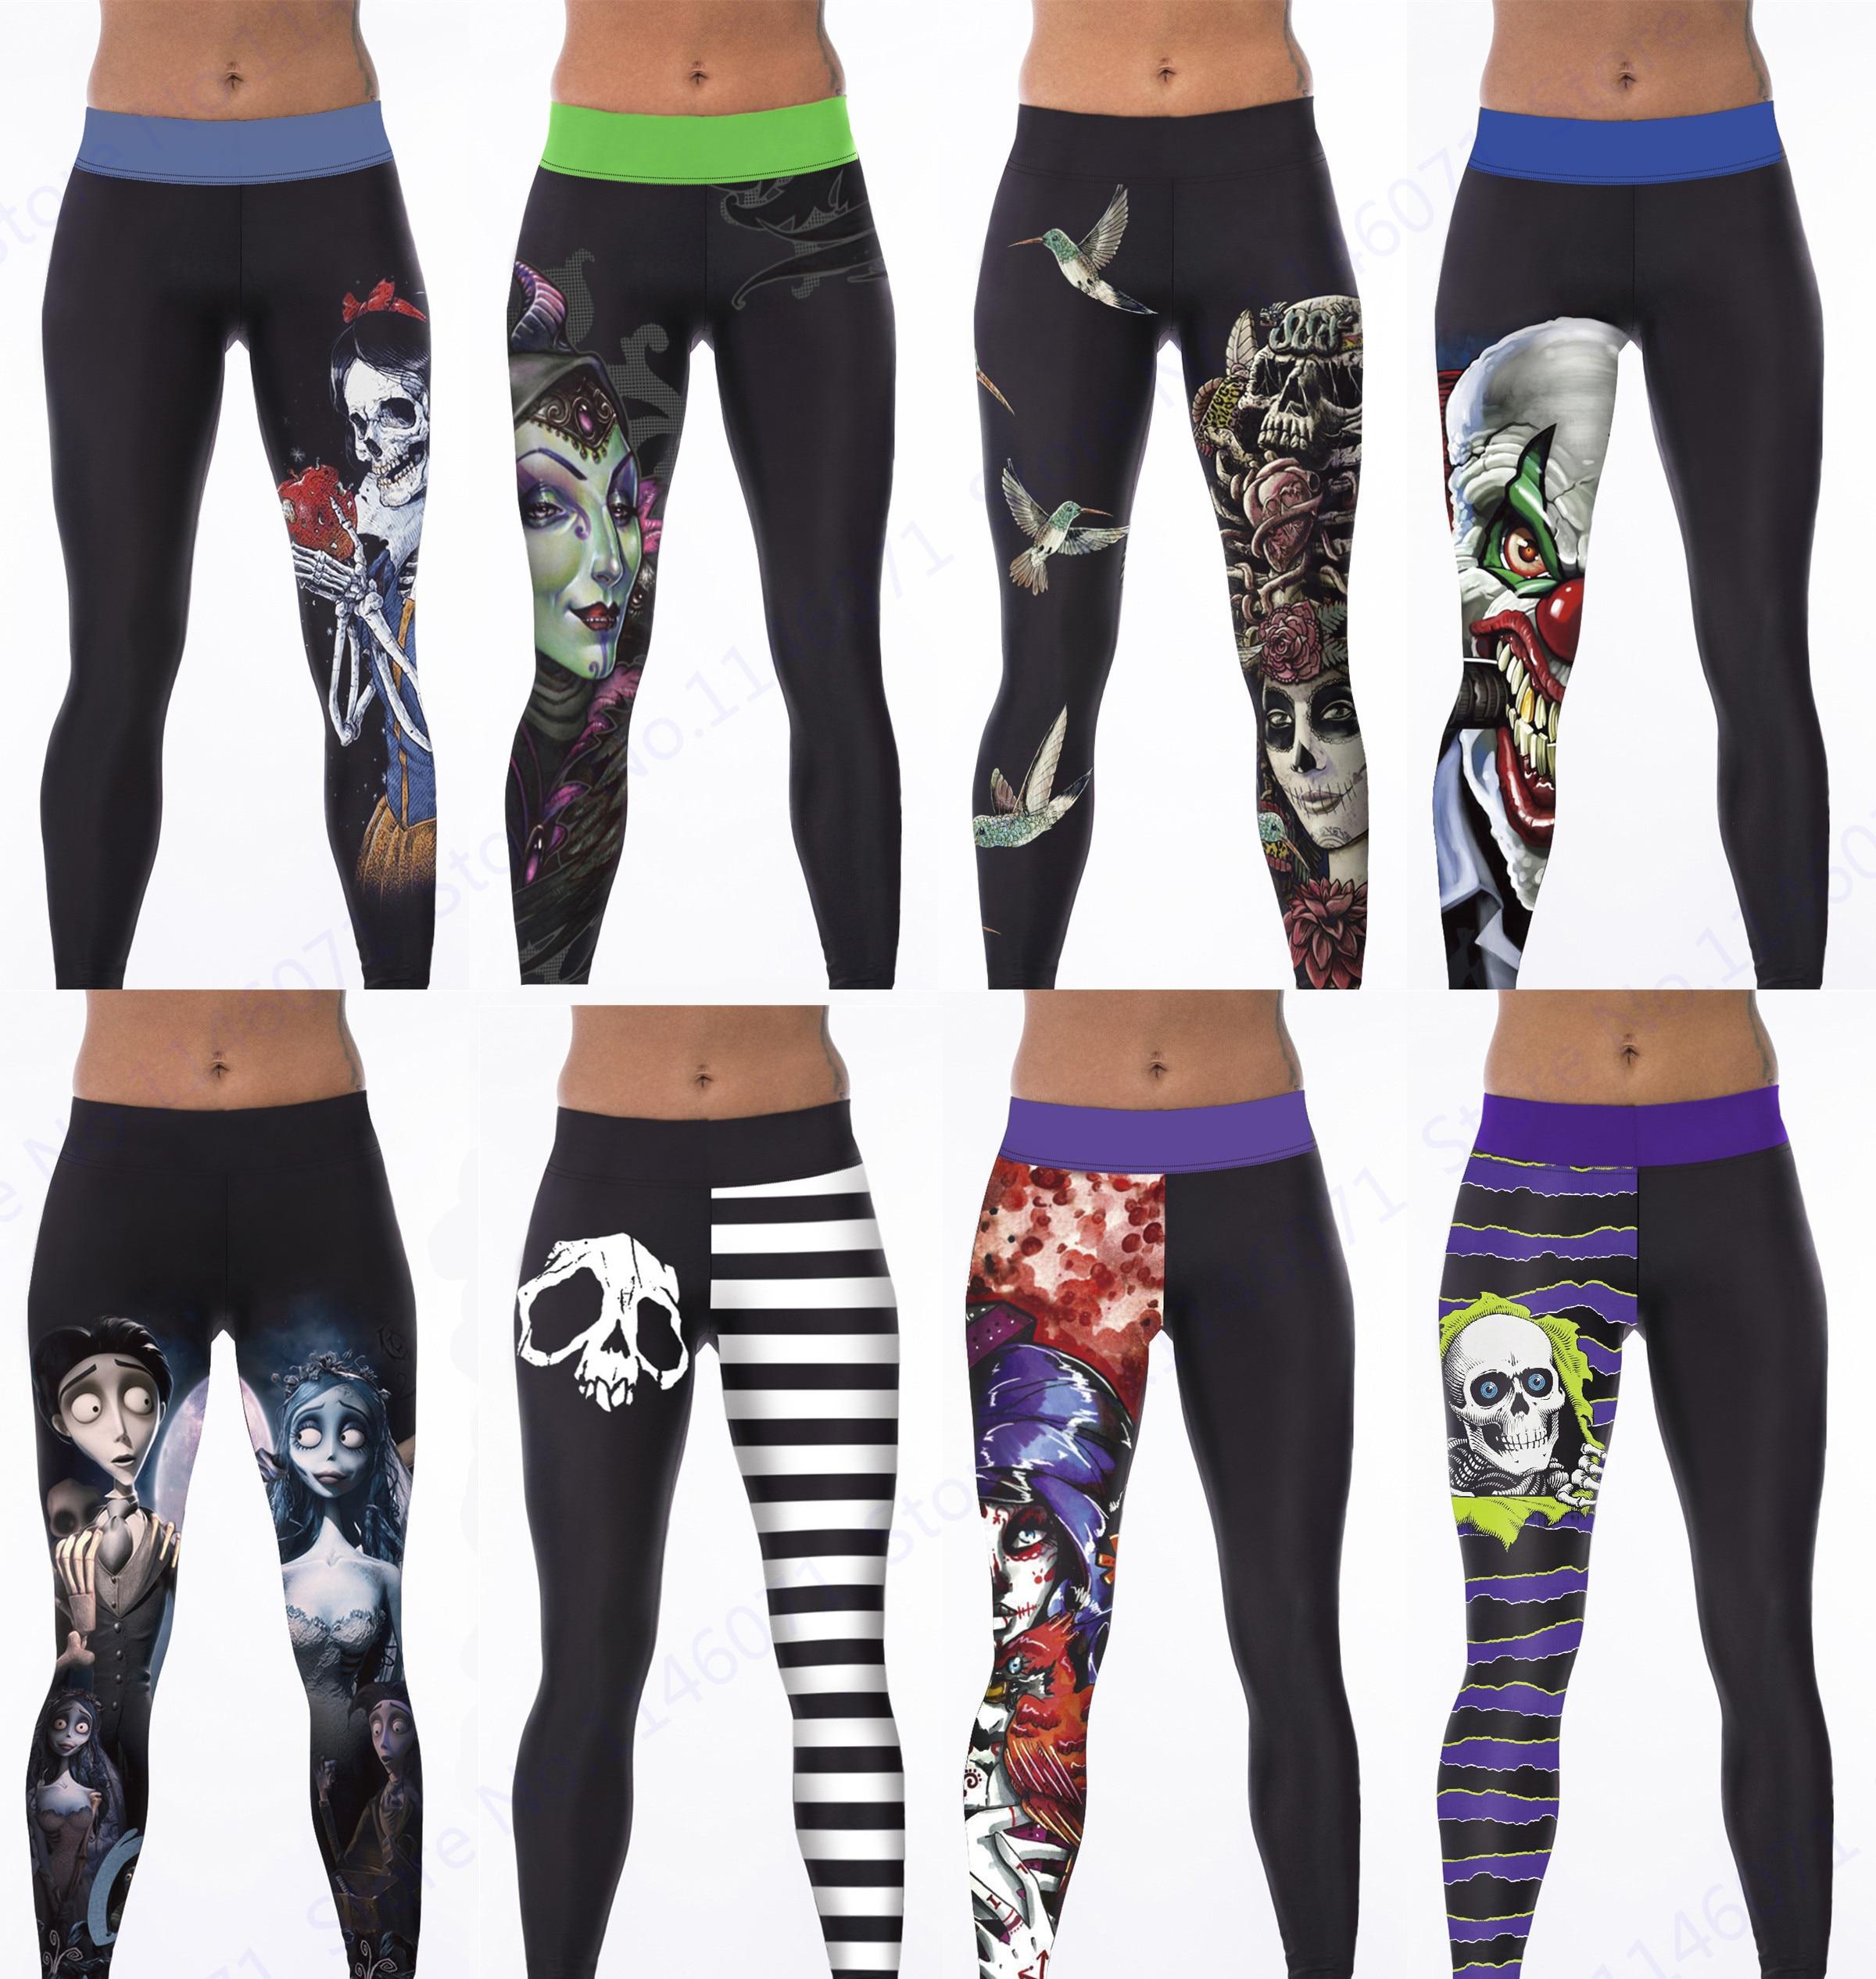 Prix pour Corpse bride Yoga Workout Pants Blanche Neige Mal Reine Sport Courir Pantalon Squelette Crâne Cheville Legging Femmes Gym Pilates Collants